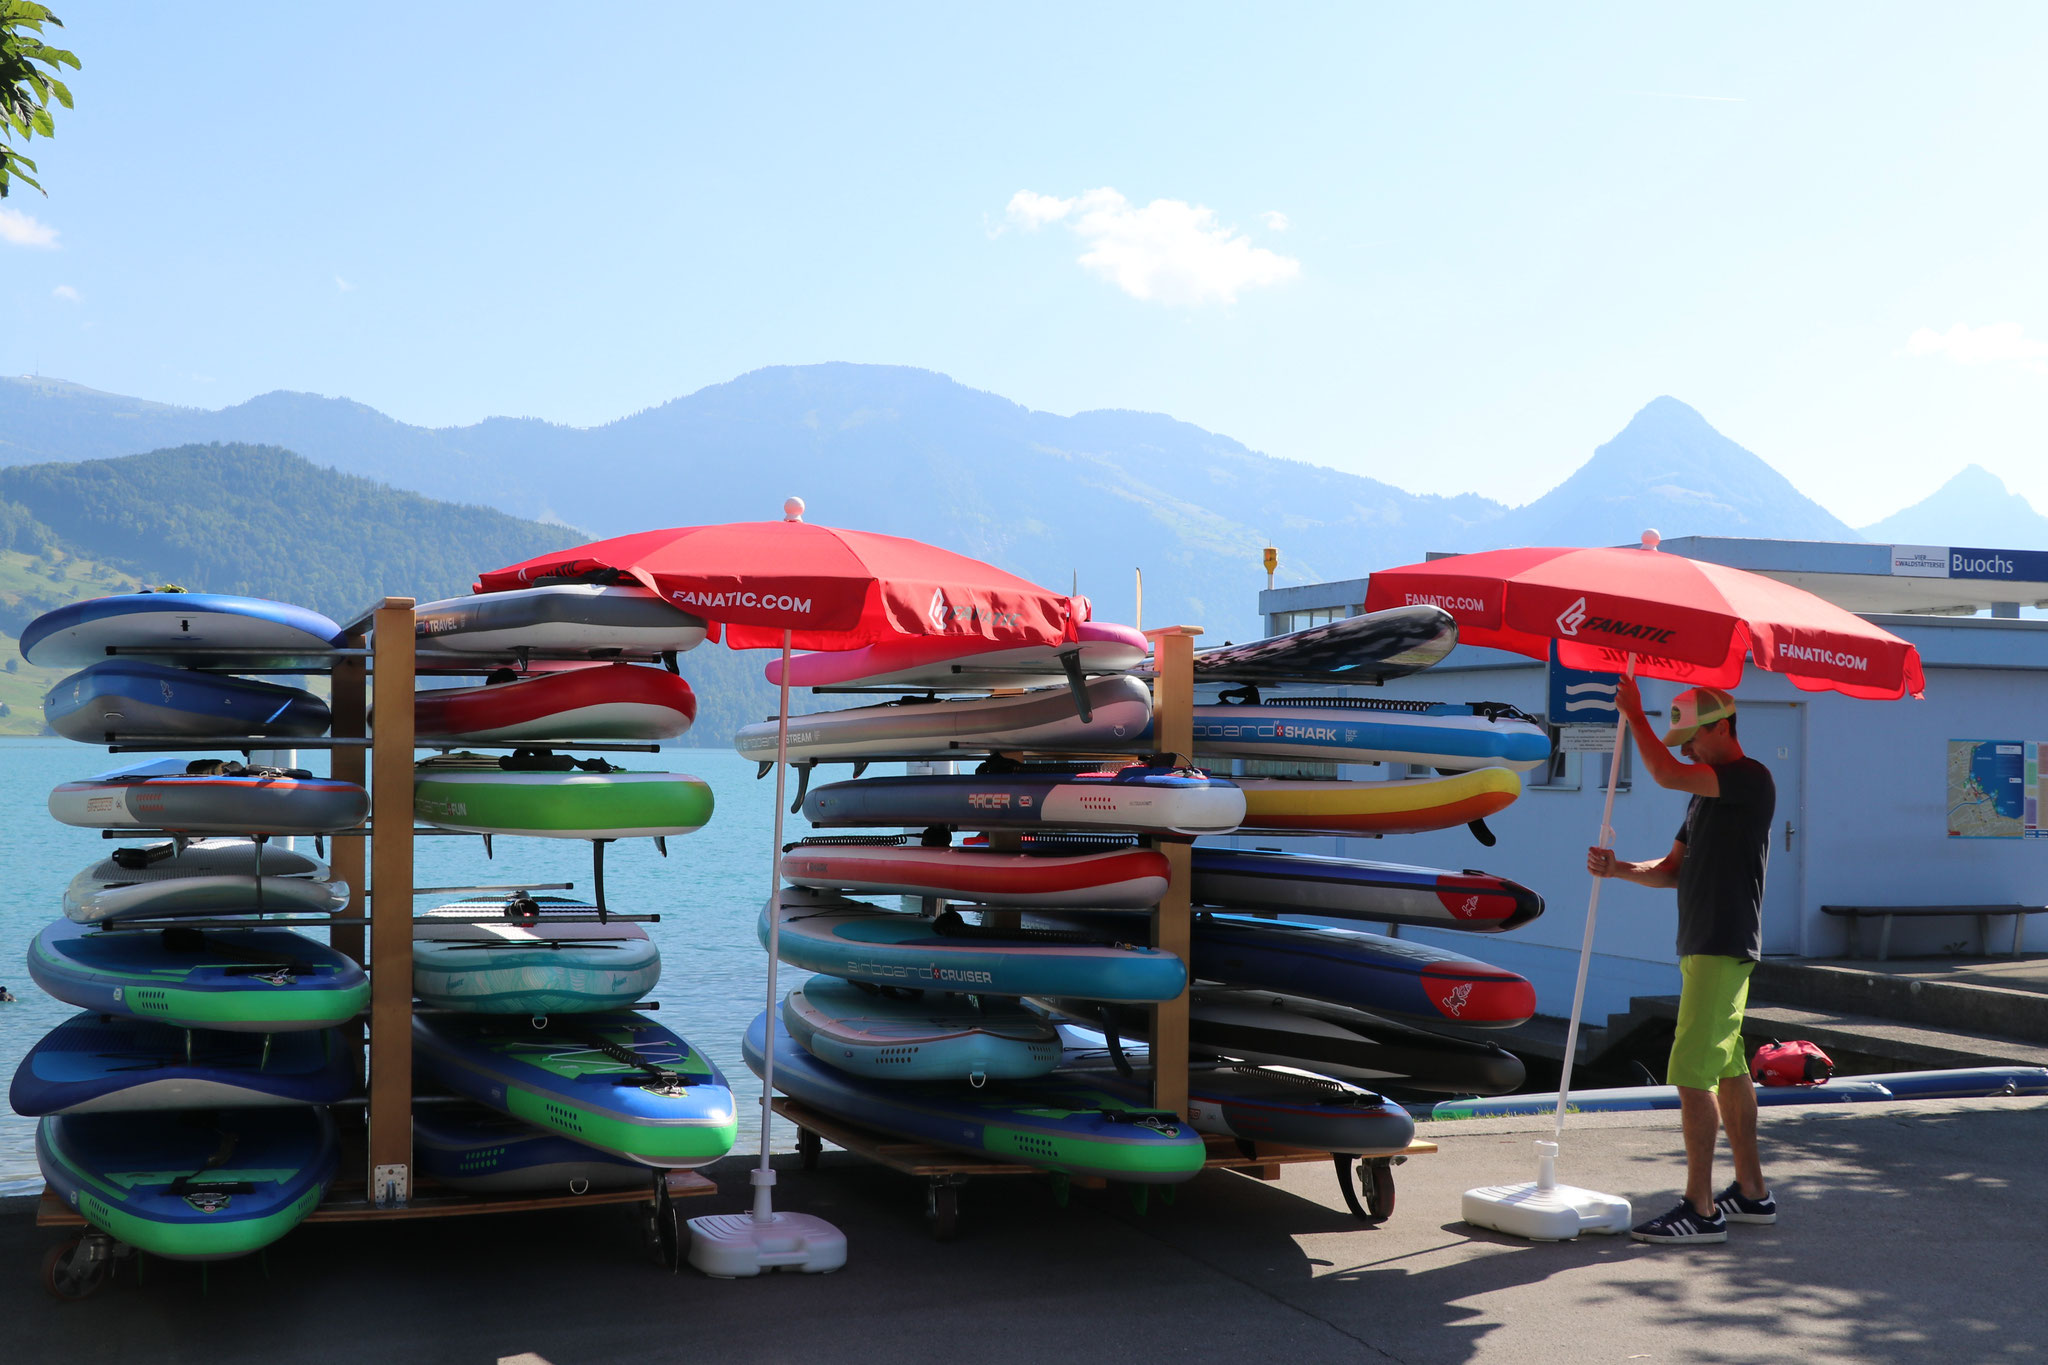 Sonnenschutz für die SUP Boards